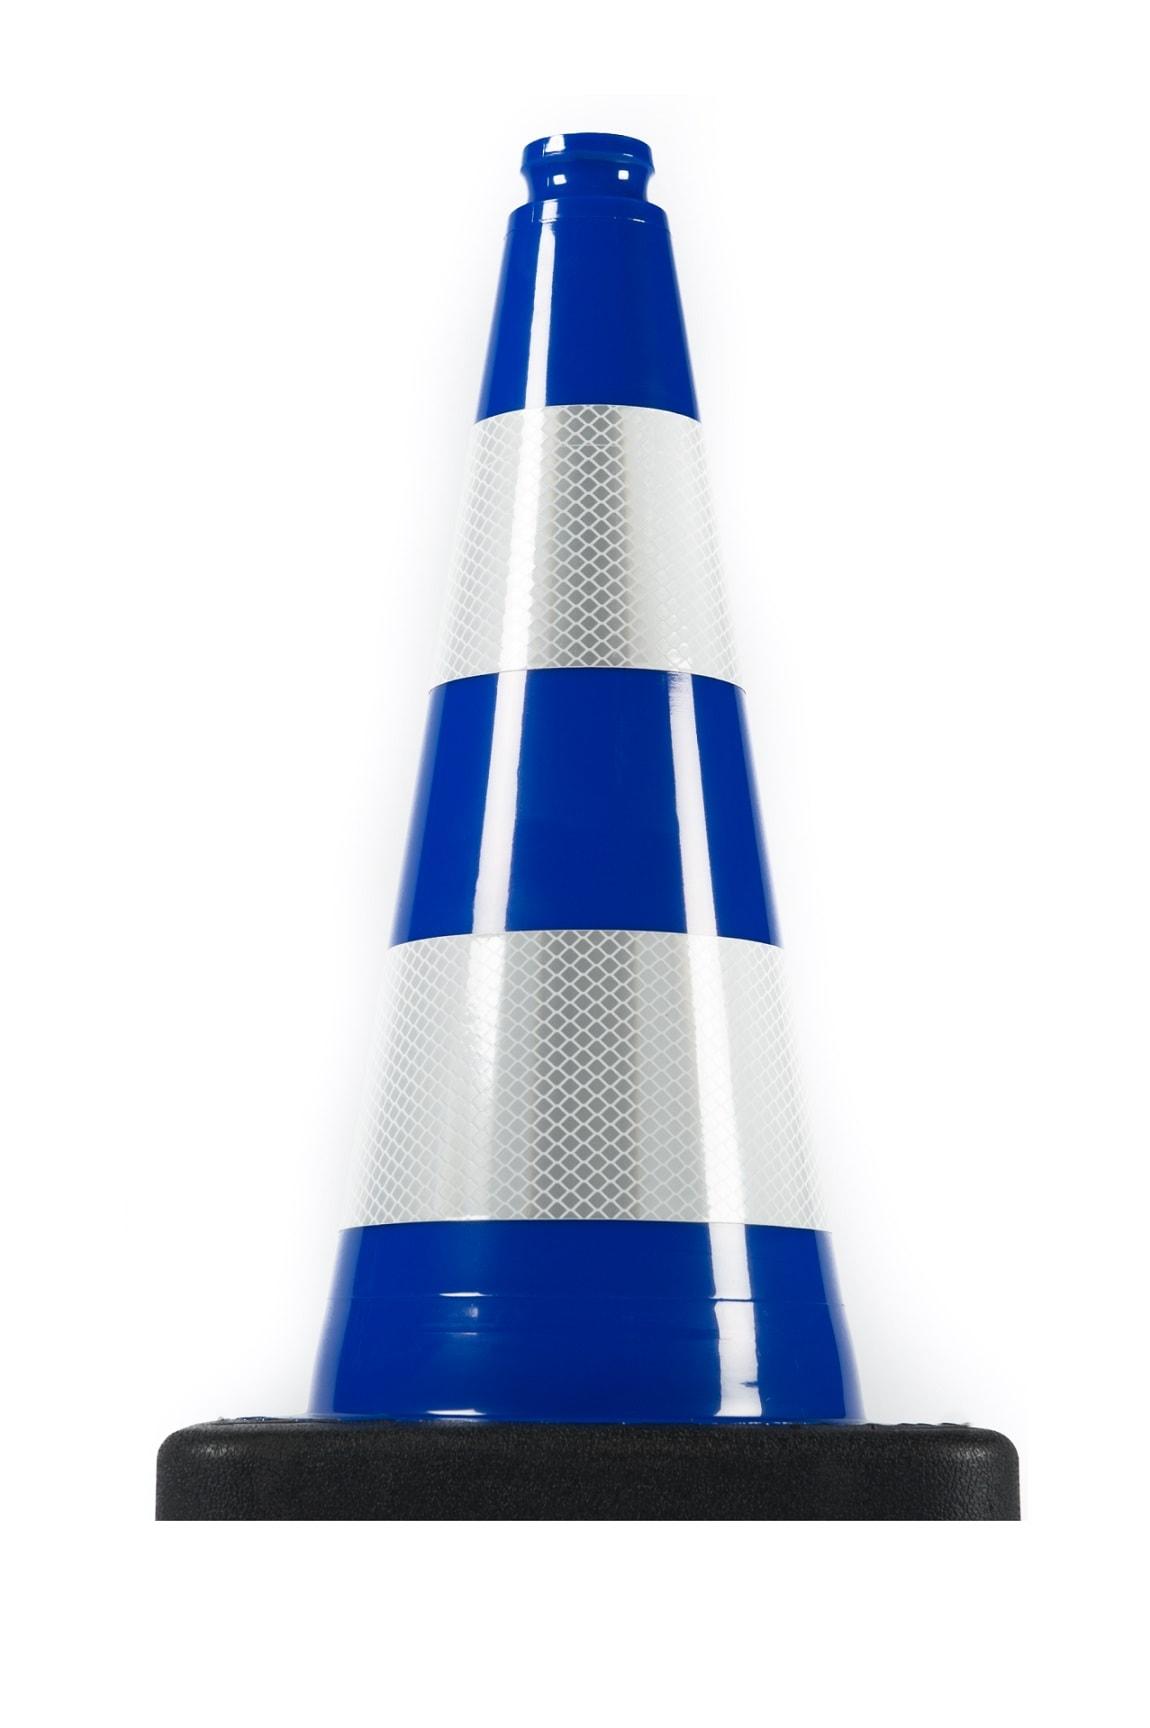 Нечупливи издържливи светлоотразителни гъвкави пътни конуси син цвят